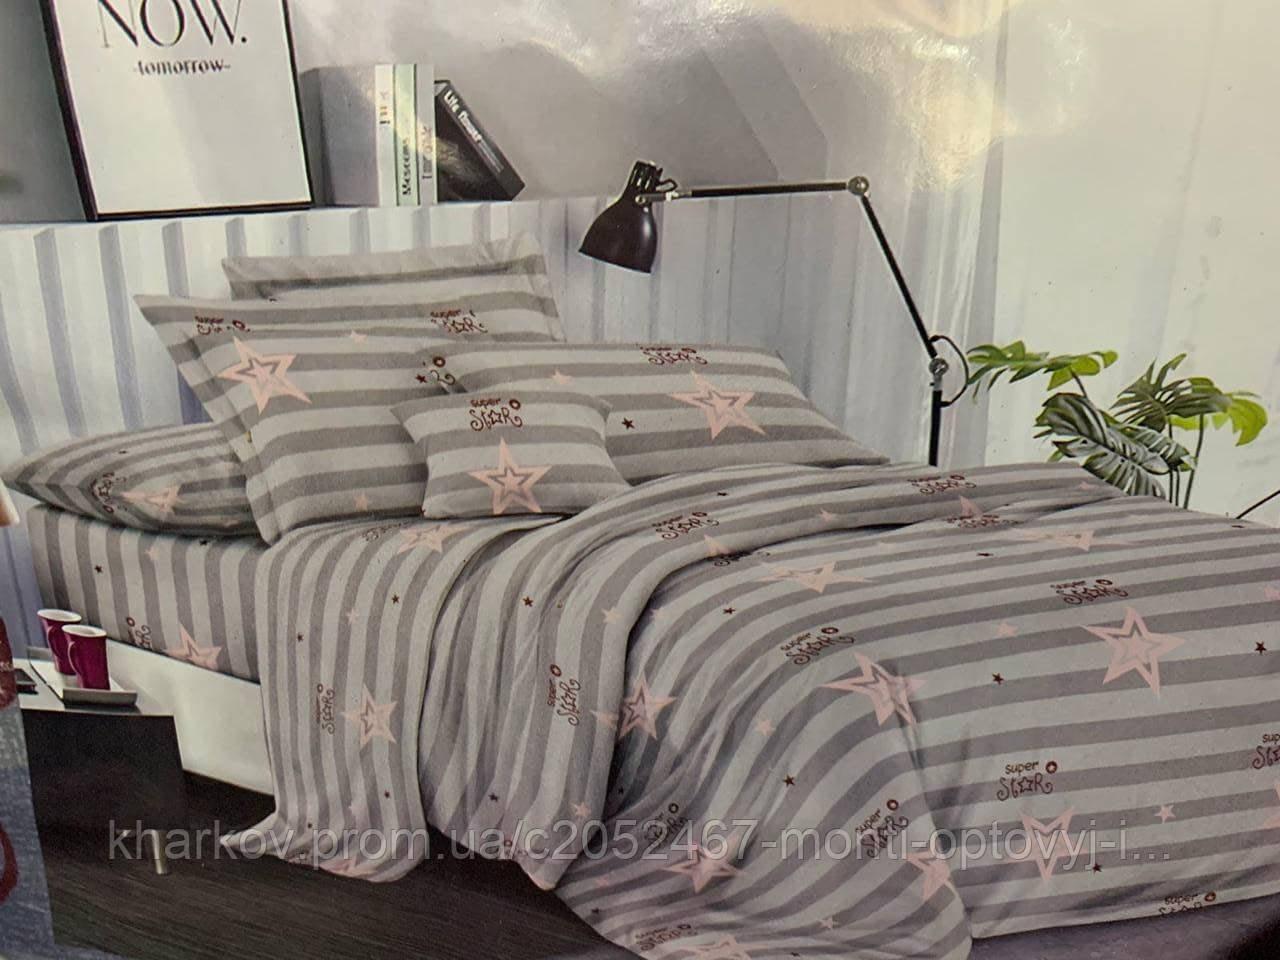 Євро комплект двухспального постільної білизни в стильному дизайні